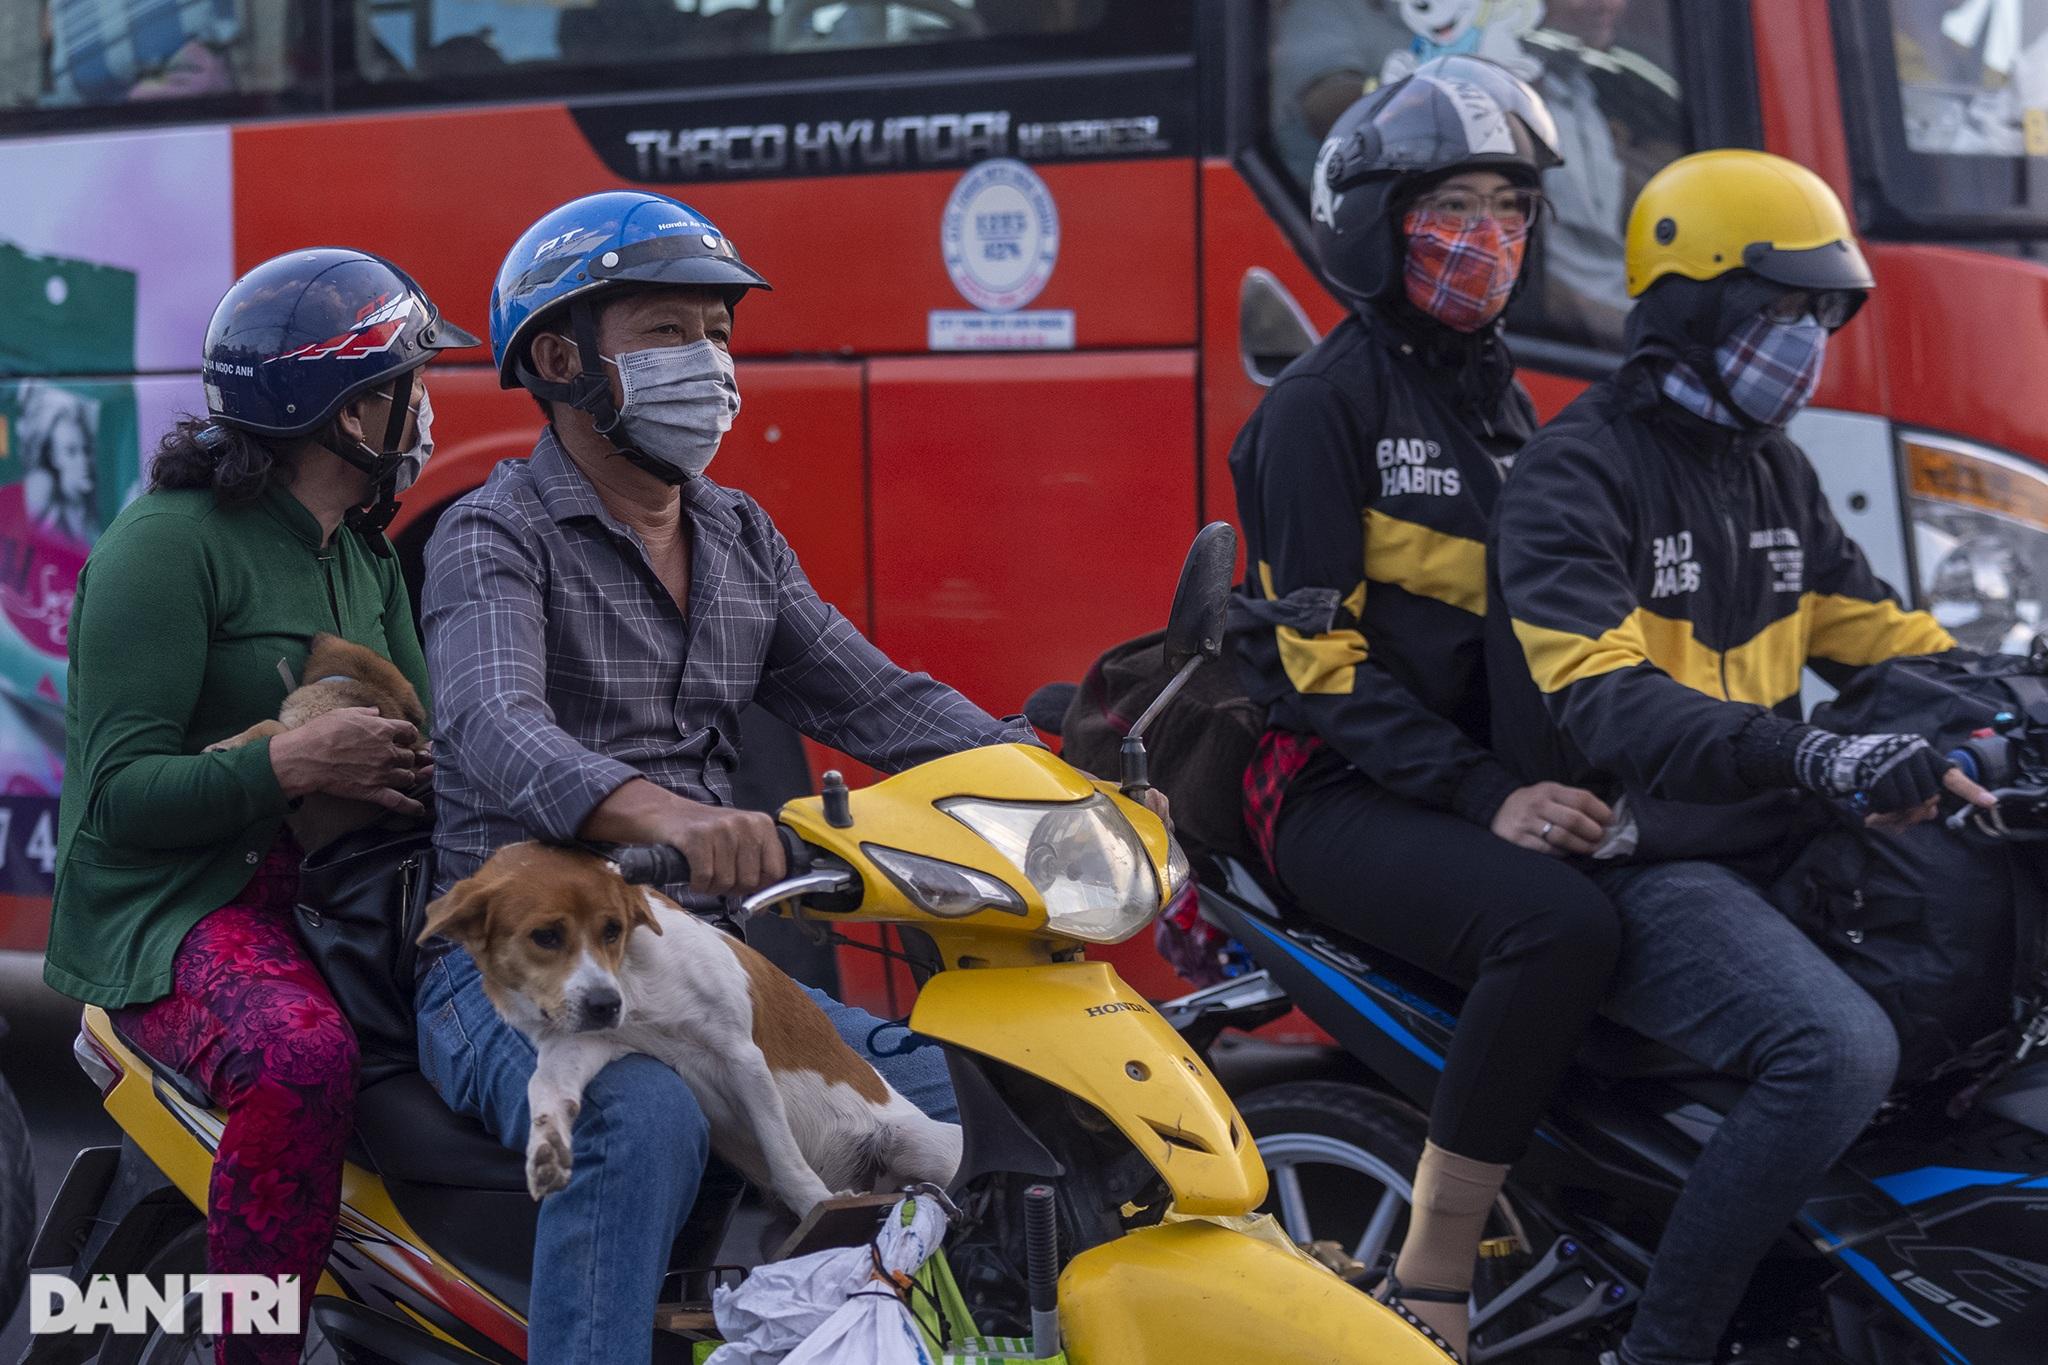 Người dân trở lại Sài Gòn sớm, giao thông cửa ngõ ùn tắc, hỗn loạn - 20